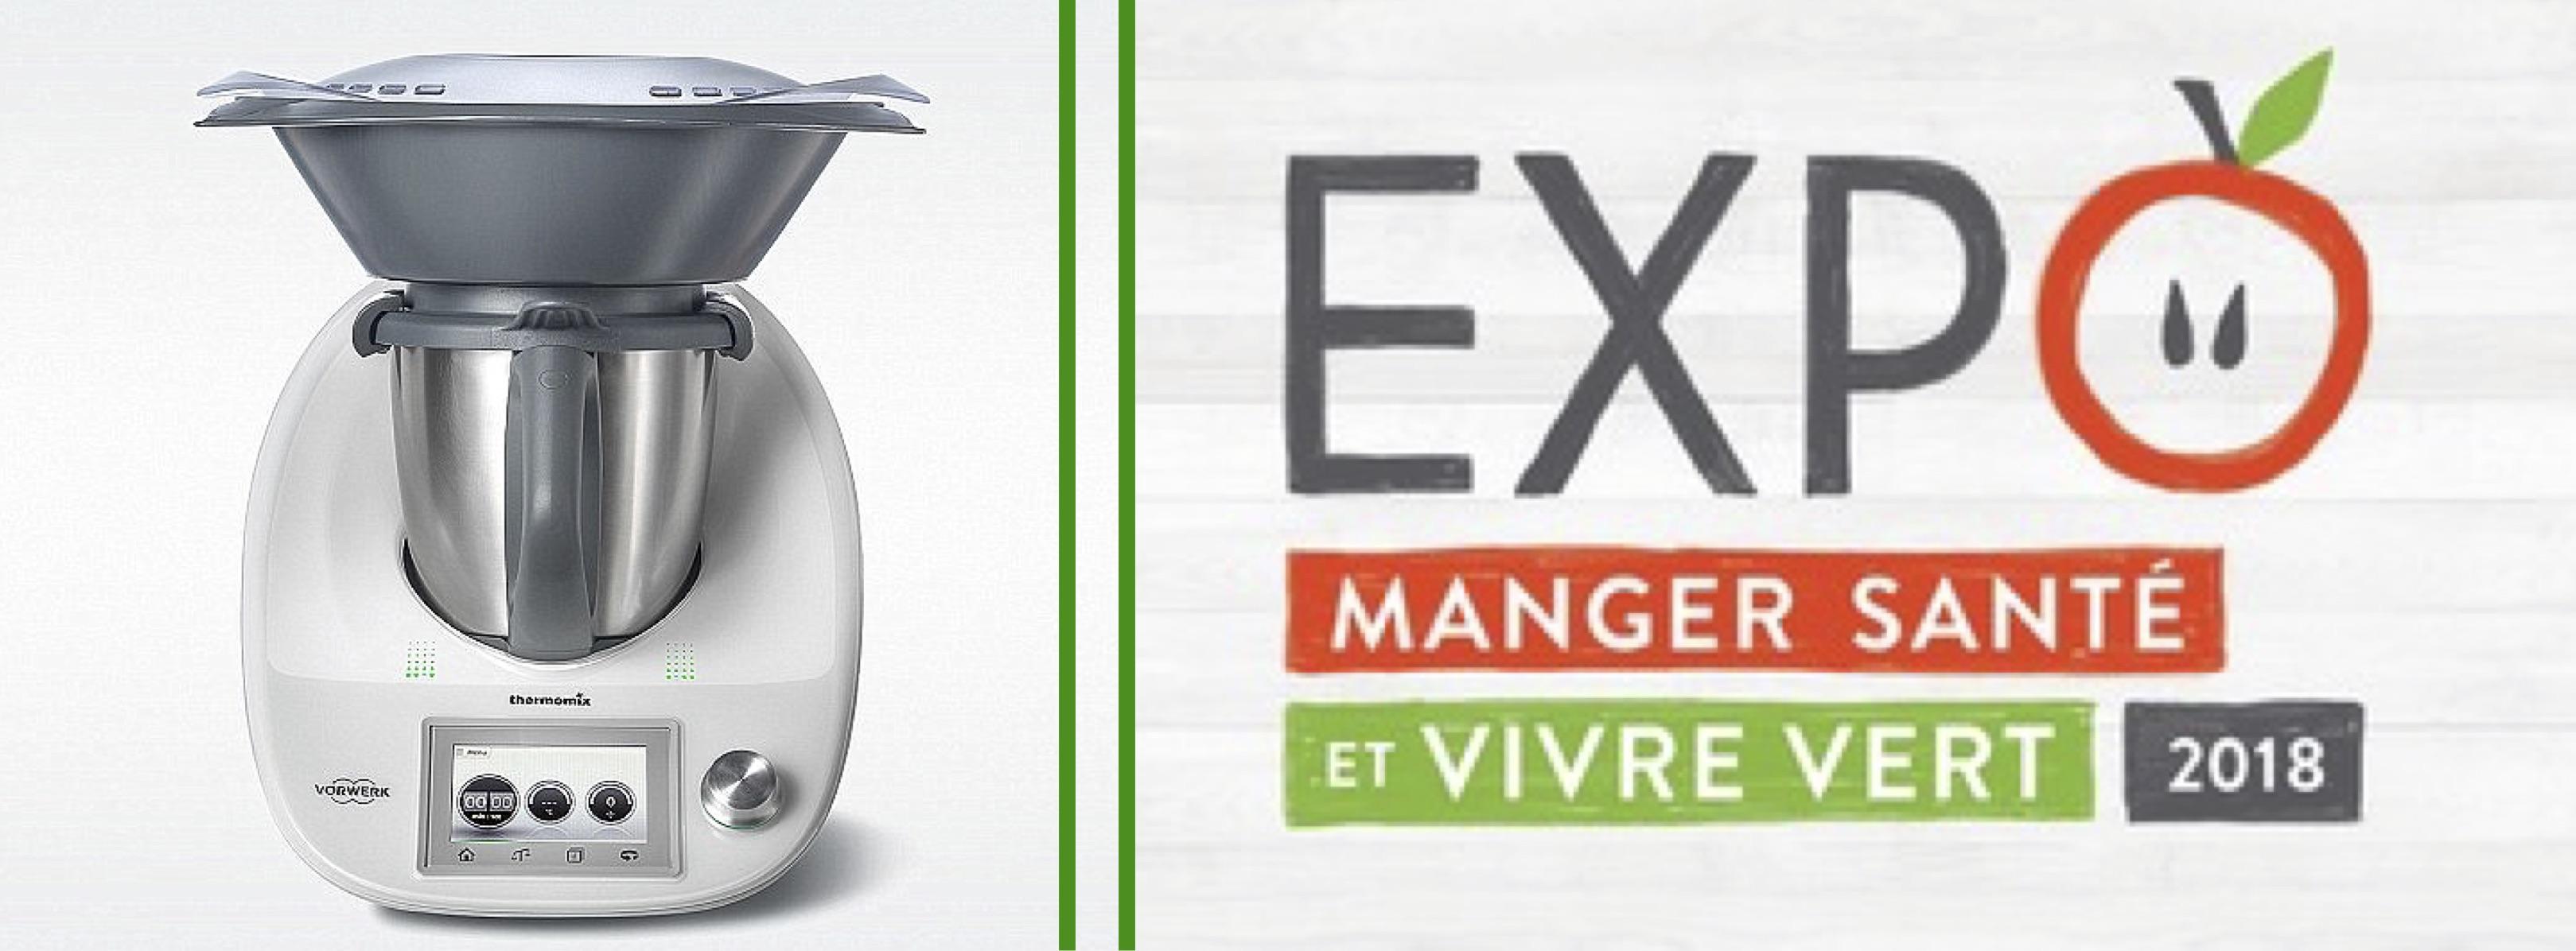 Thermomix® au Salon Manger Santé & Vivre Vert